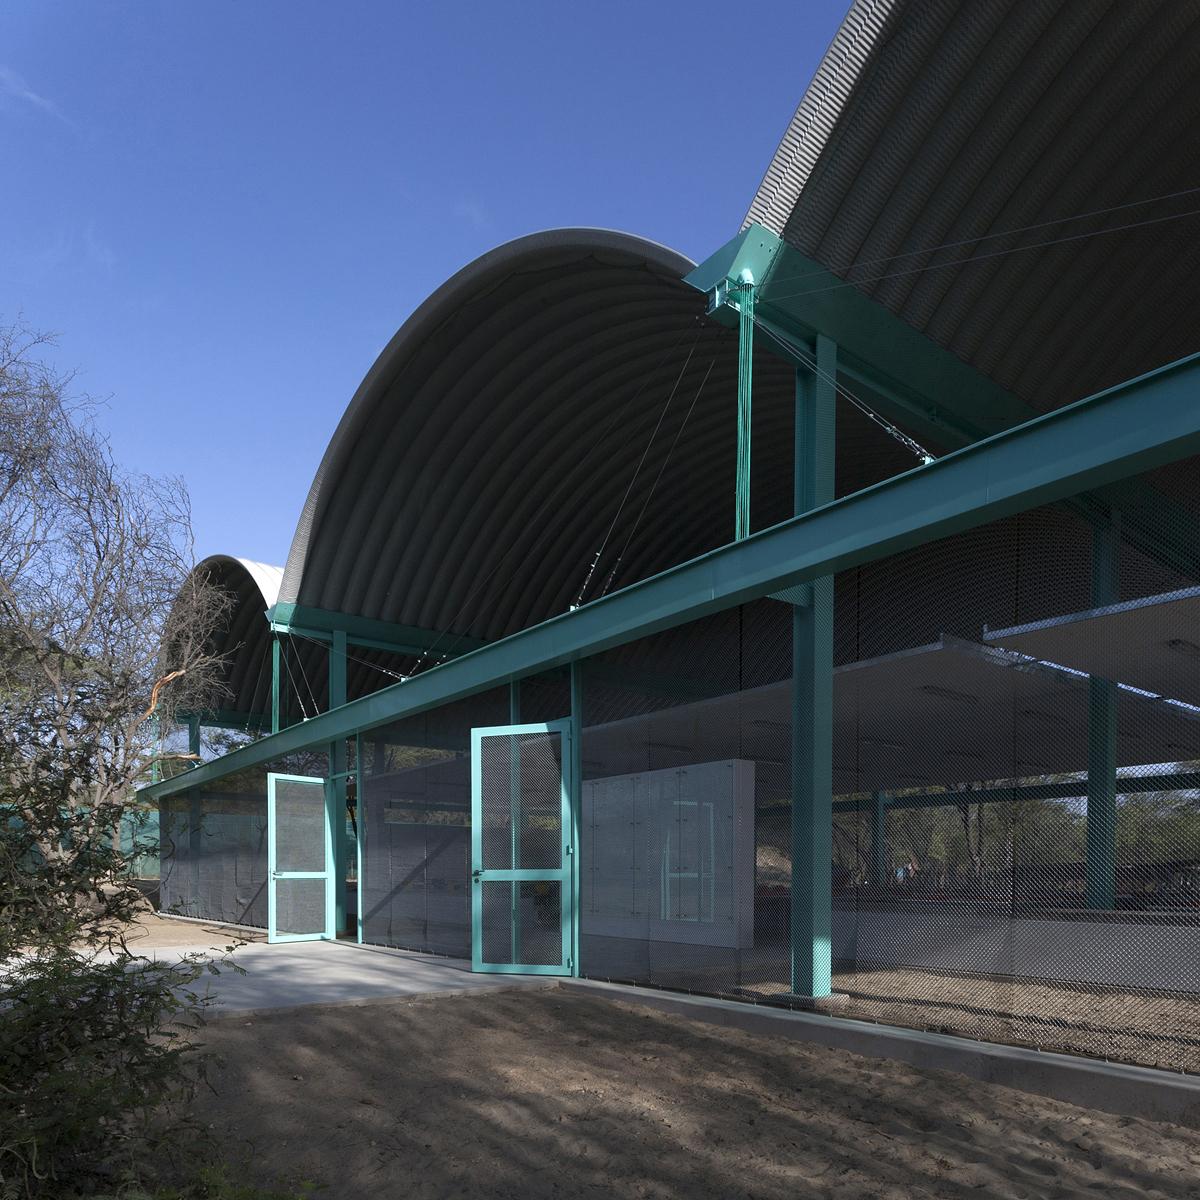 Taller de Arquitectura en el desierto  / Jorge Losada